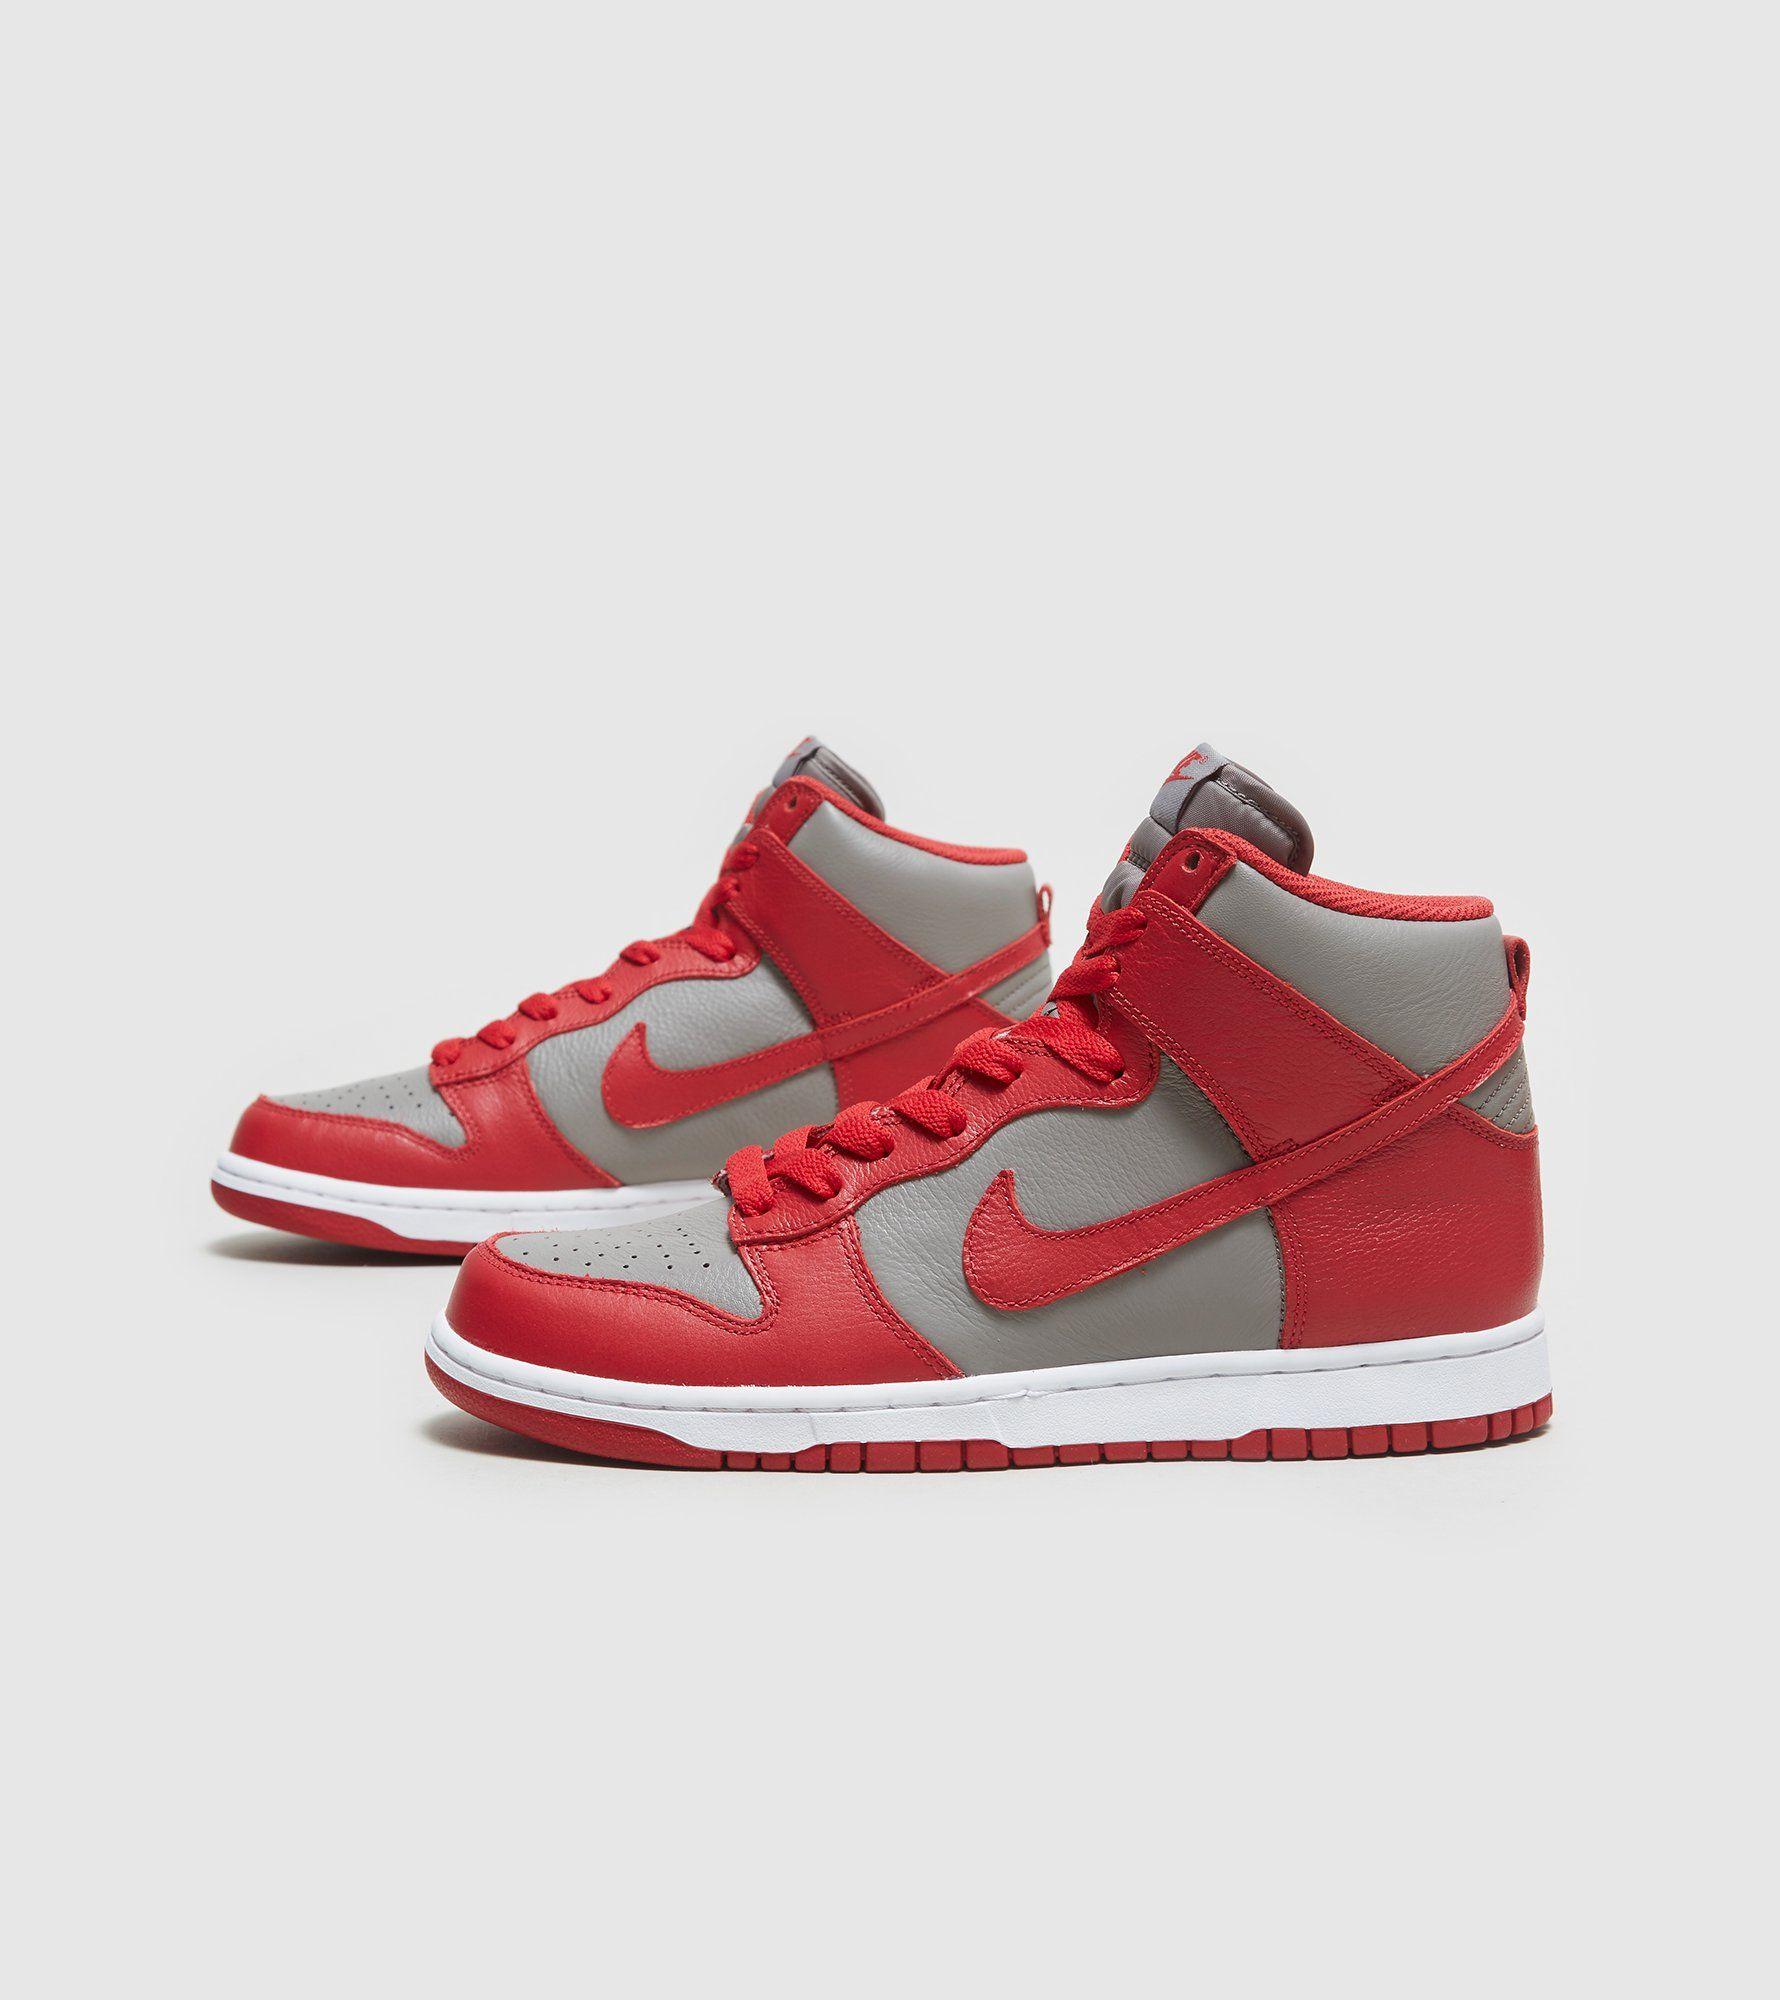 separation shoes 57c30 f733f ... clearance nike dunk hi og qs 3aac7 9a59a